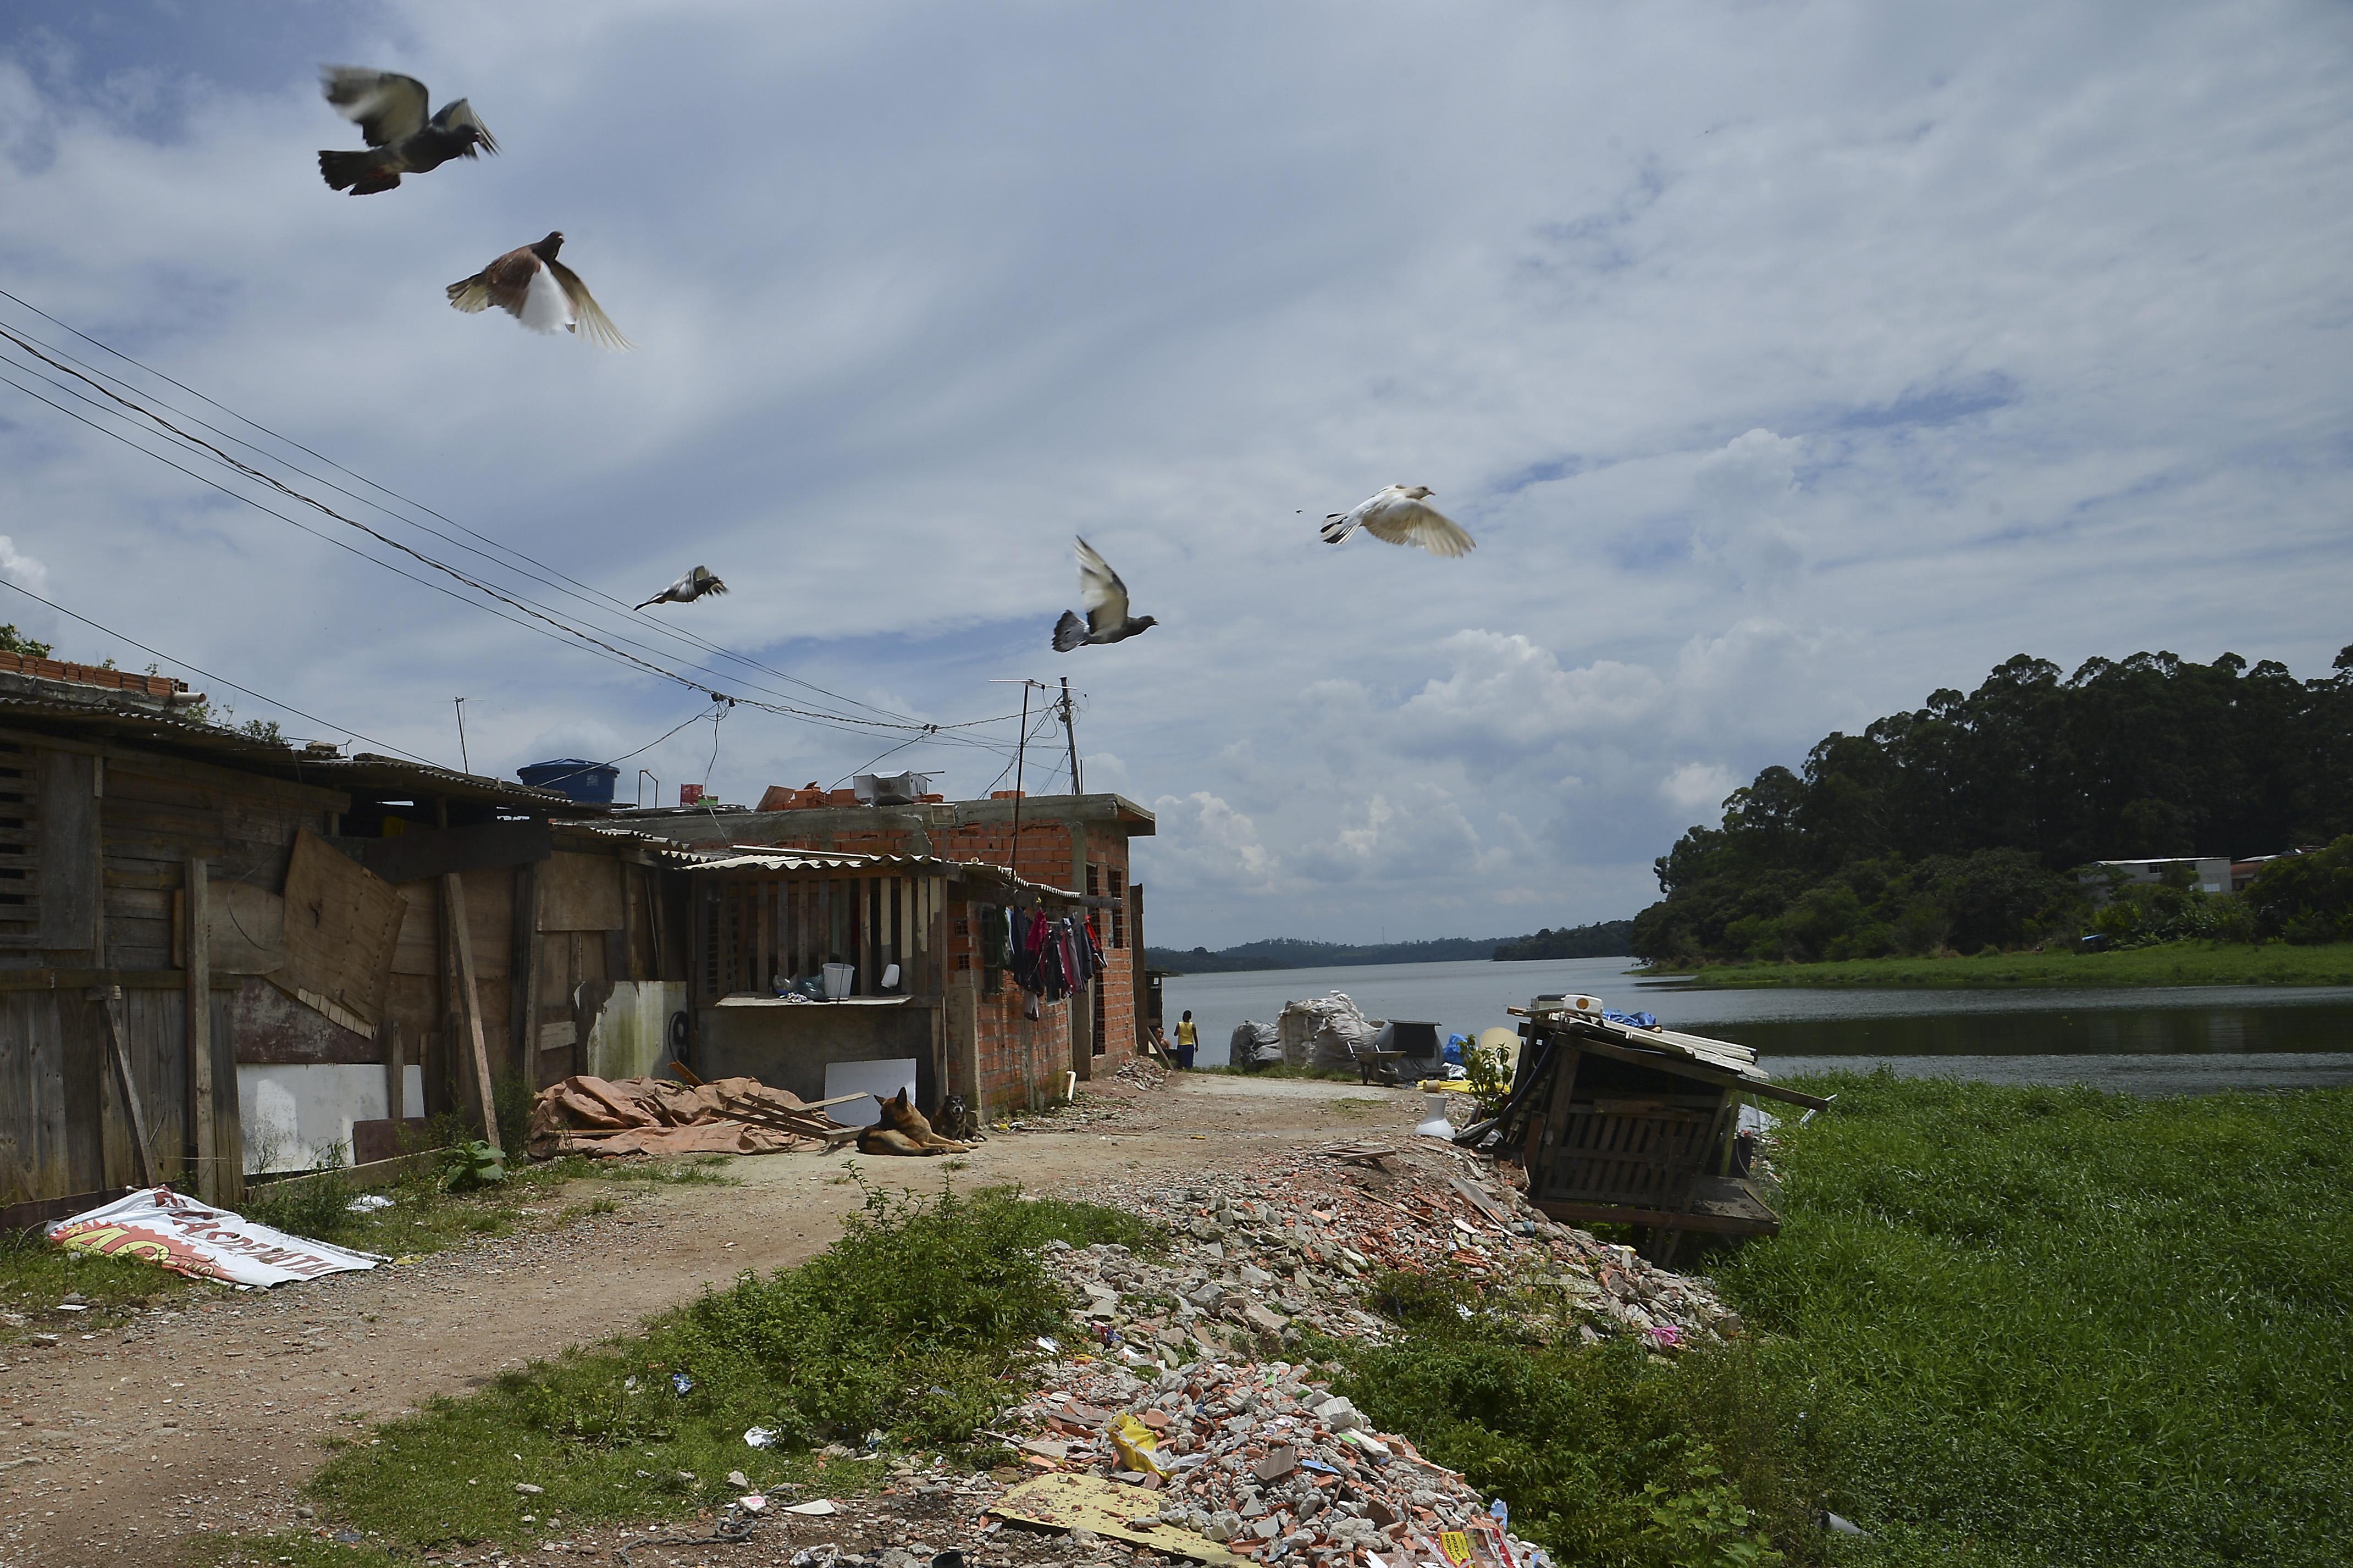 Moradias construídas às margens da Represa Billings